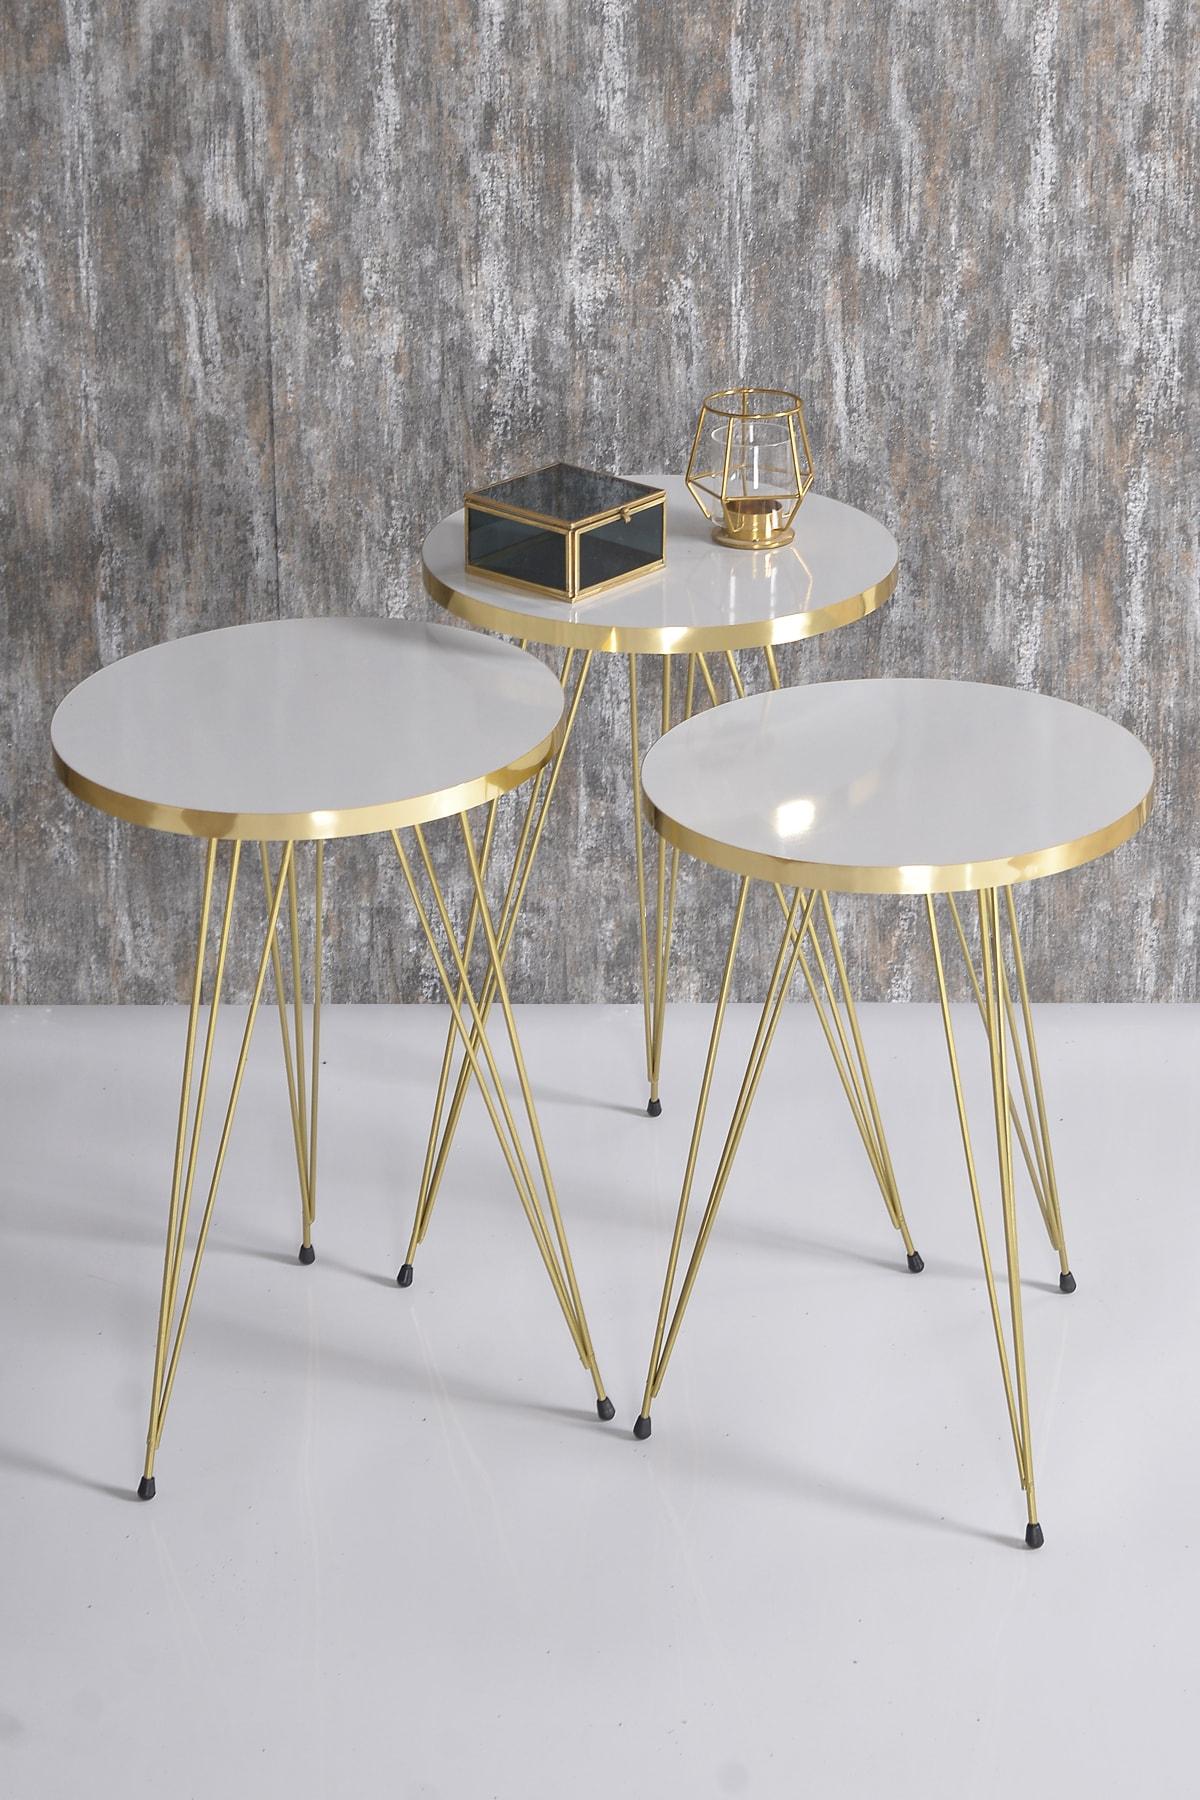 زيجون طاولة القهوة الذهب سلك أبيض طاولة القهوة طاولة القهوة المختلفة الذهب الساقين طاولة القهوة turkiyede المصنعة